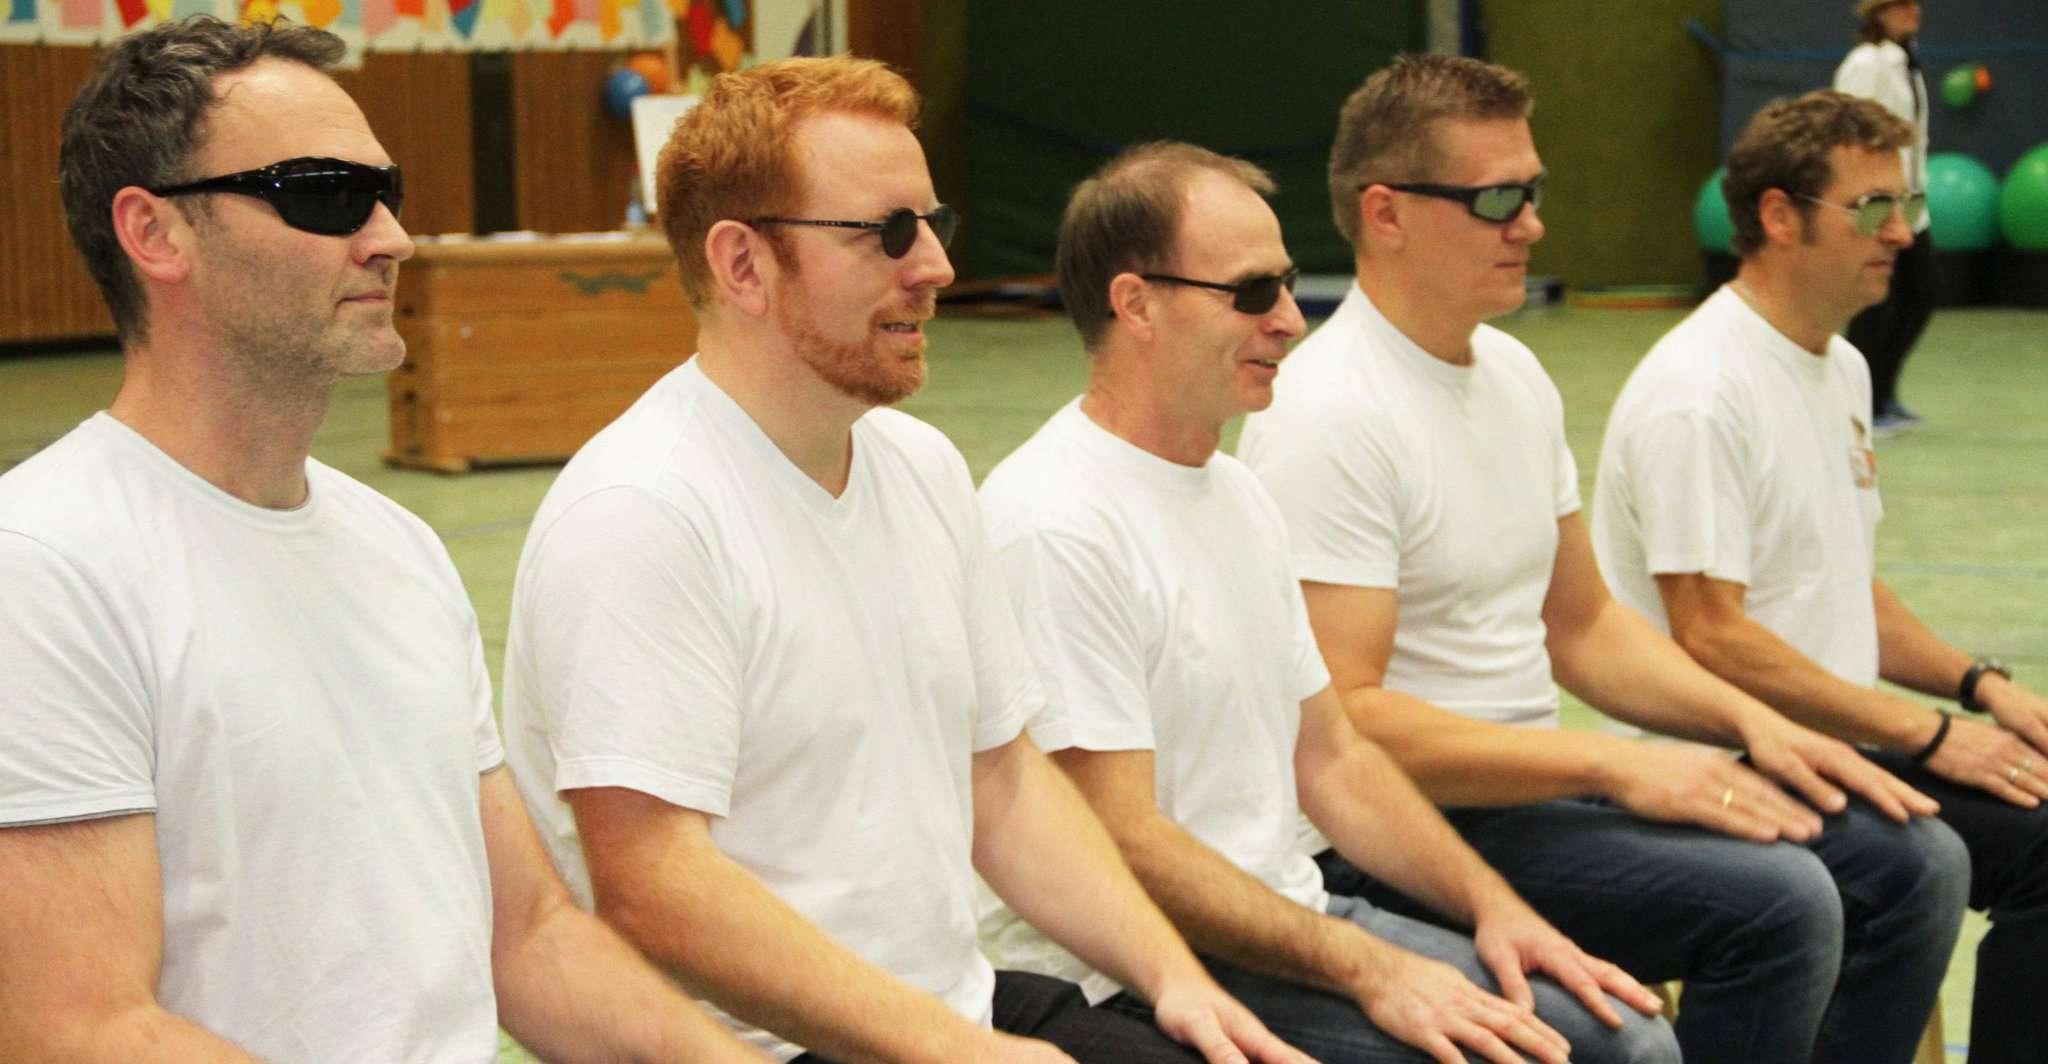 Das Power Men Team von Silke Röhrs kümmert sich nicht nur um Auf- und Abbau, sondern präsentierte selber einen Act.